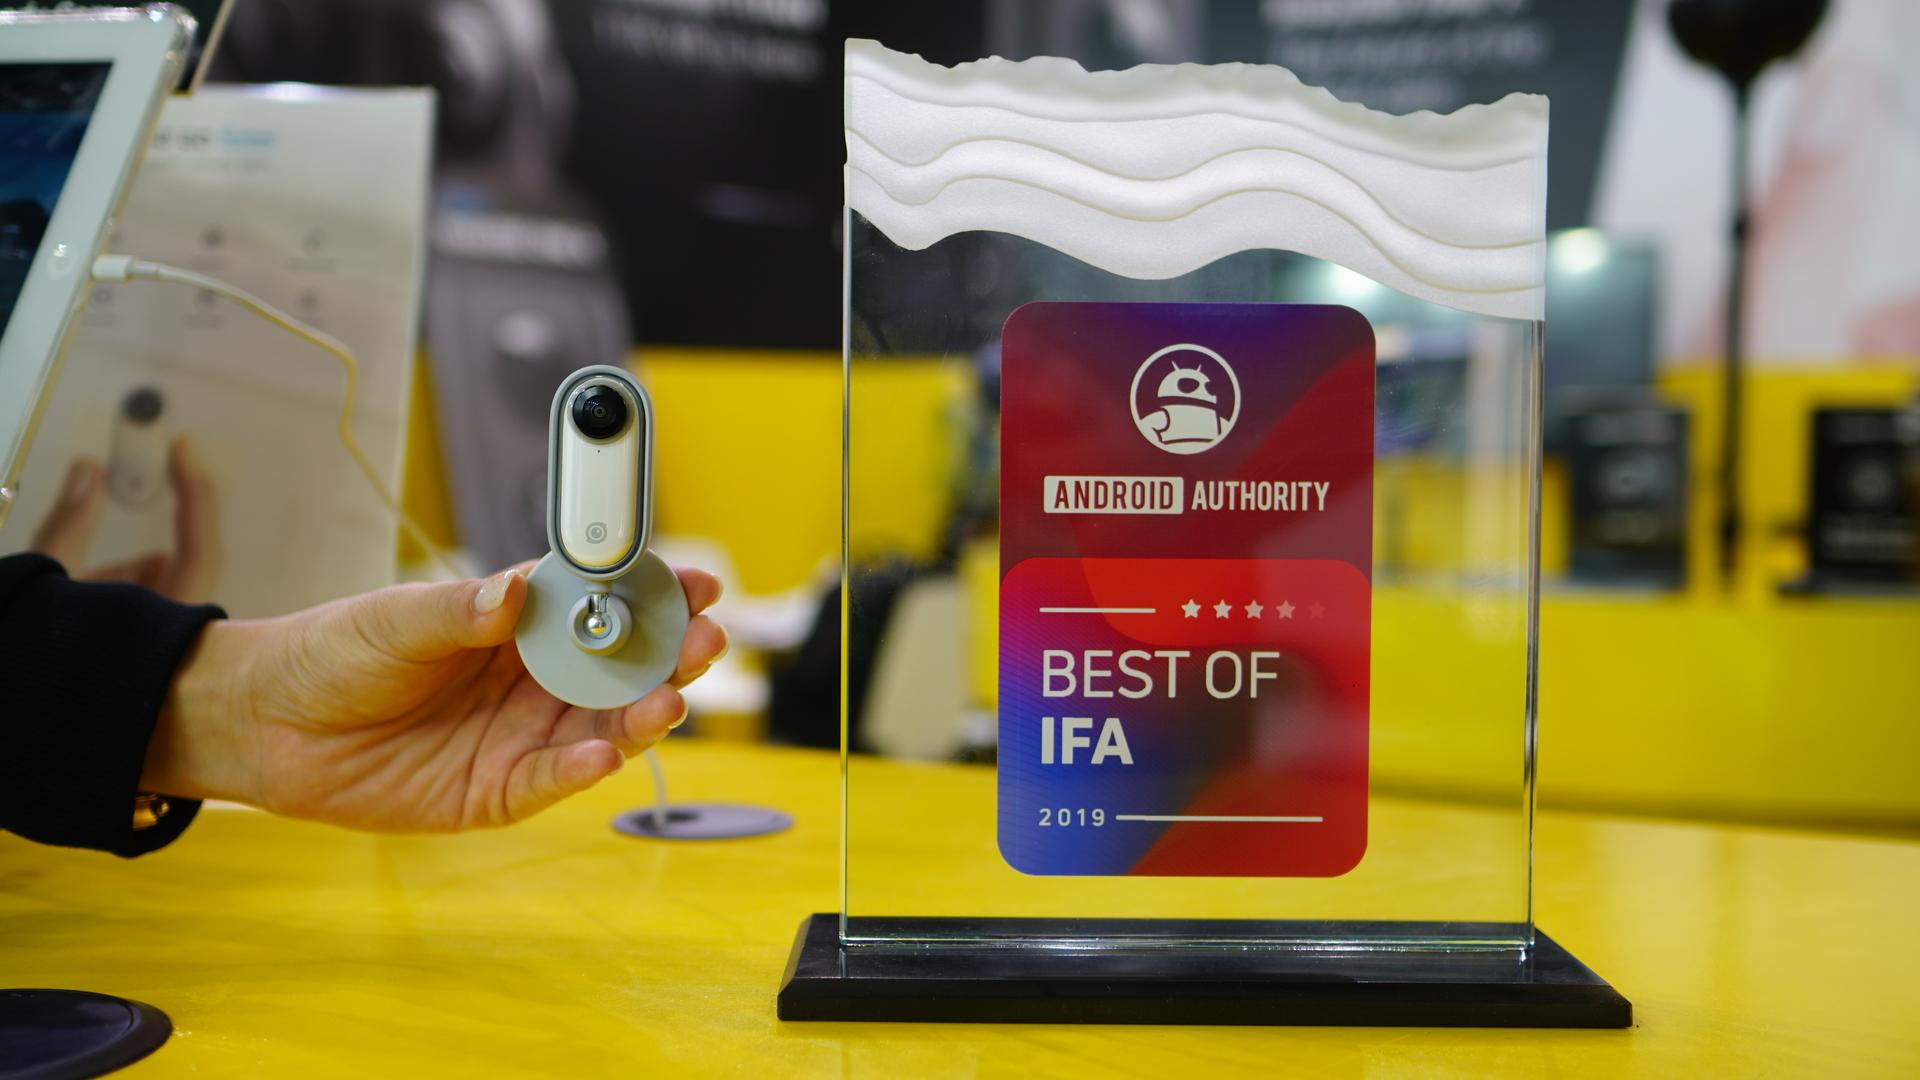 Insta360 Go camera Best of IFA Award winner